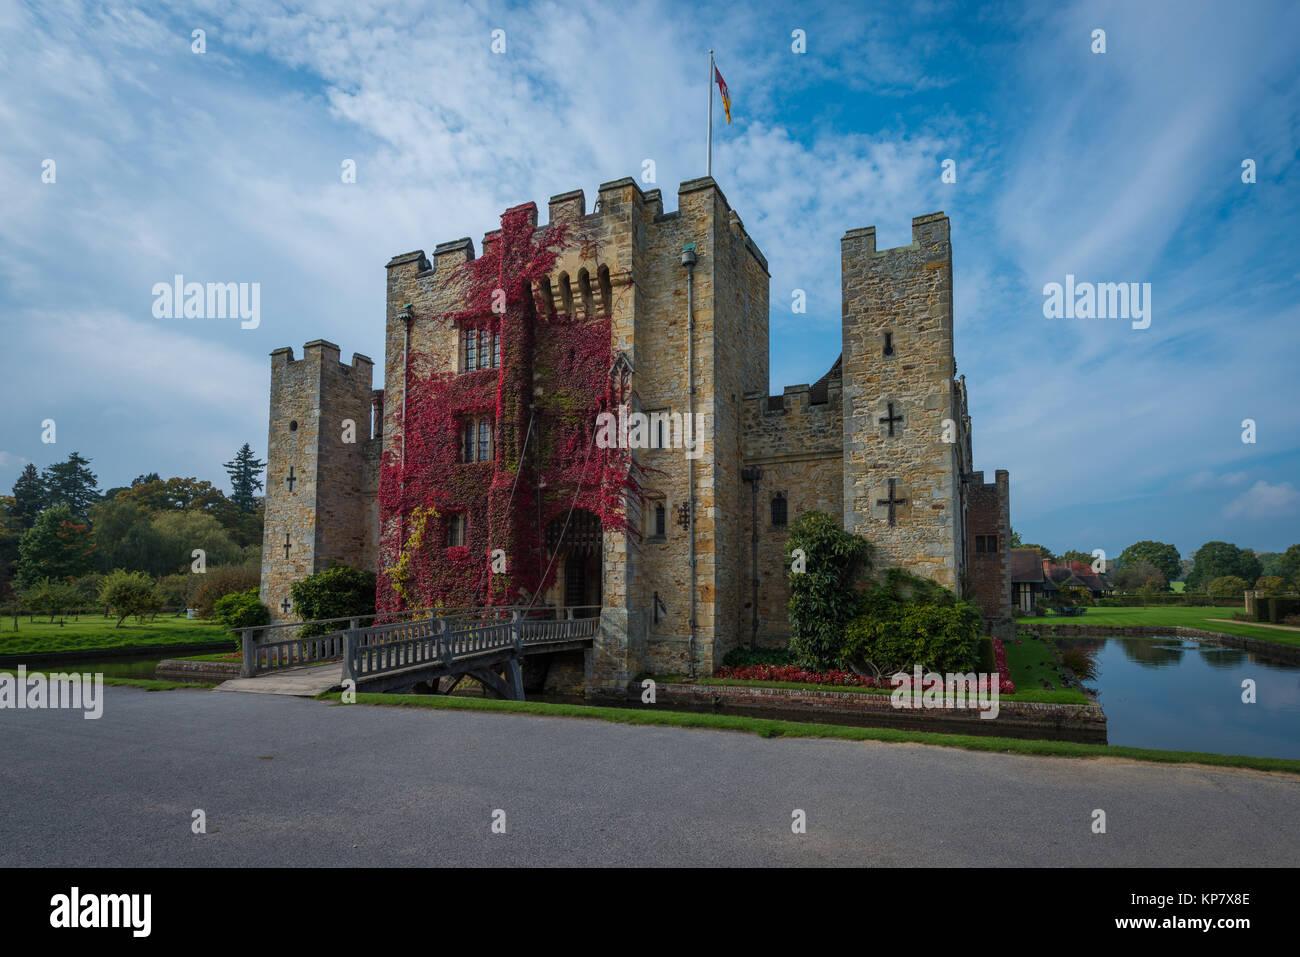 Le château de Hever près de Saint-hippolyte, siège de la famille Boleyn, Kent, Royaume-Uni Photo Stock